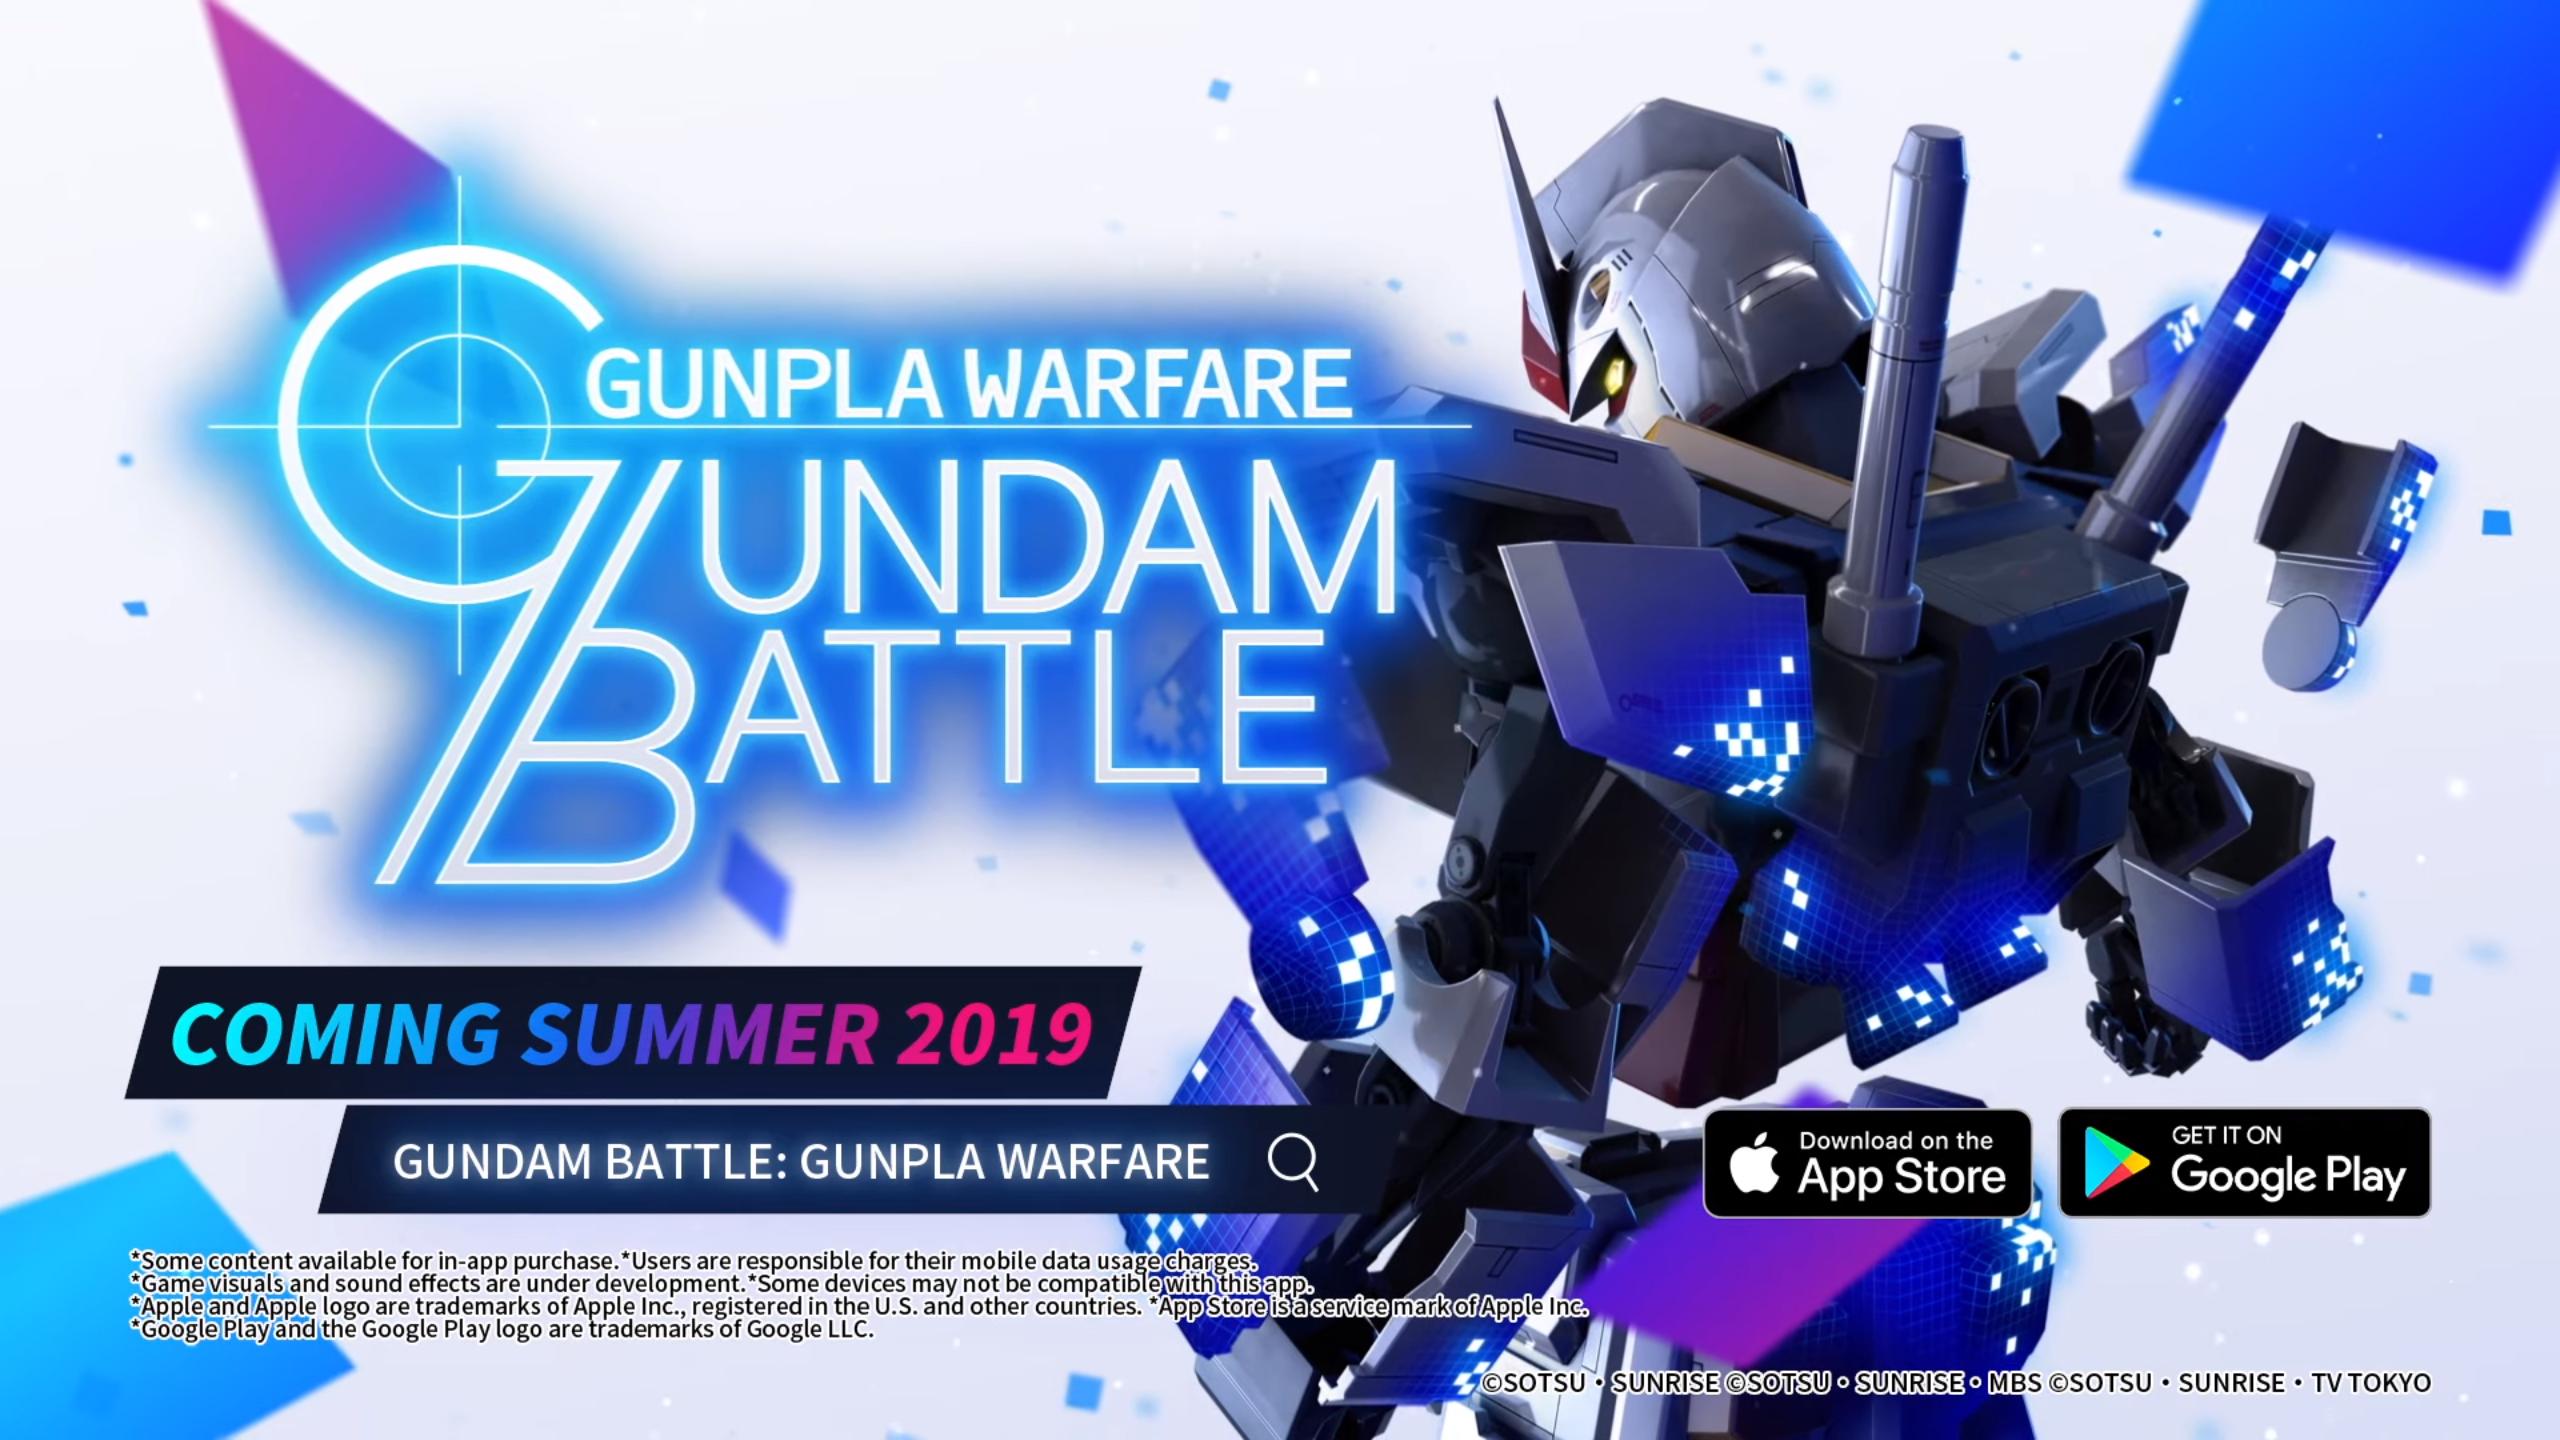 Gundam Battle: Gunpla Warfare and its free-to-play mecha